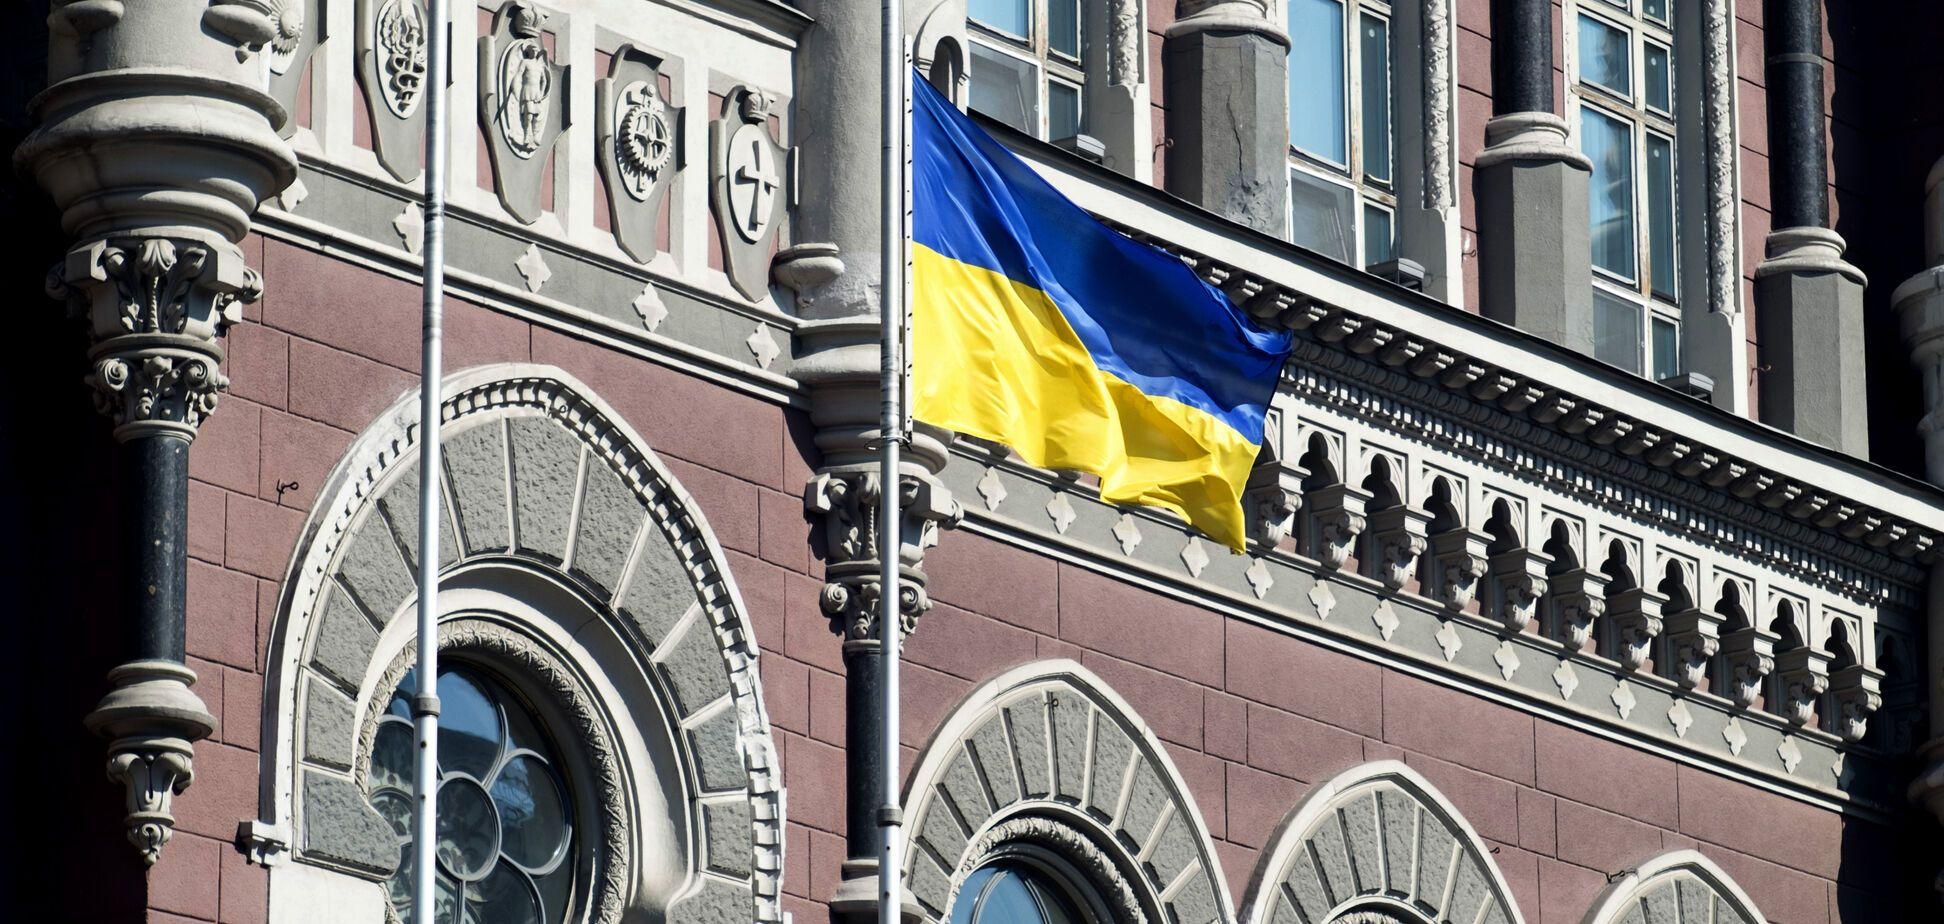 Украина проигрывает: суды вынесли десятки решений в пользу 'приватовцев' против НБУ